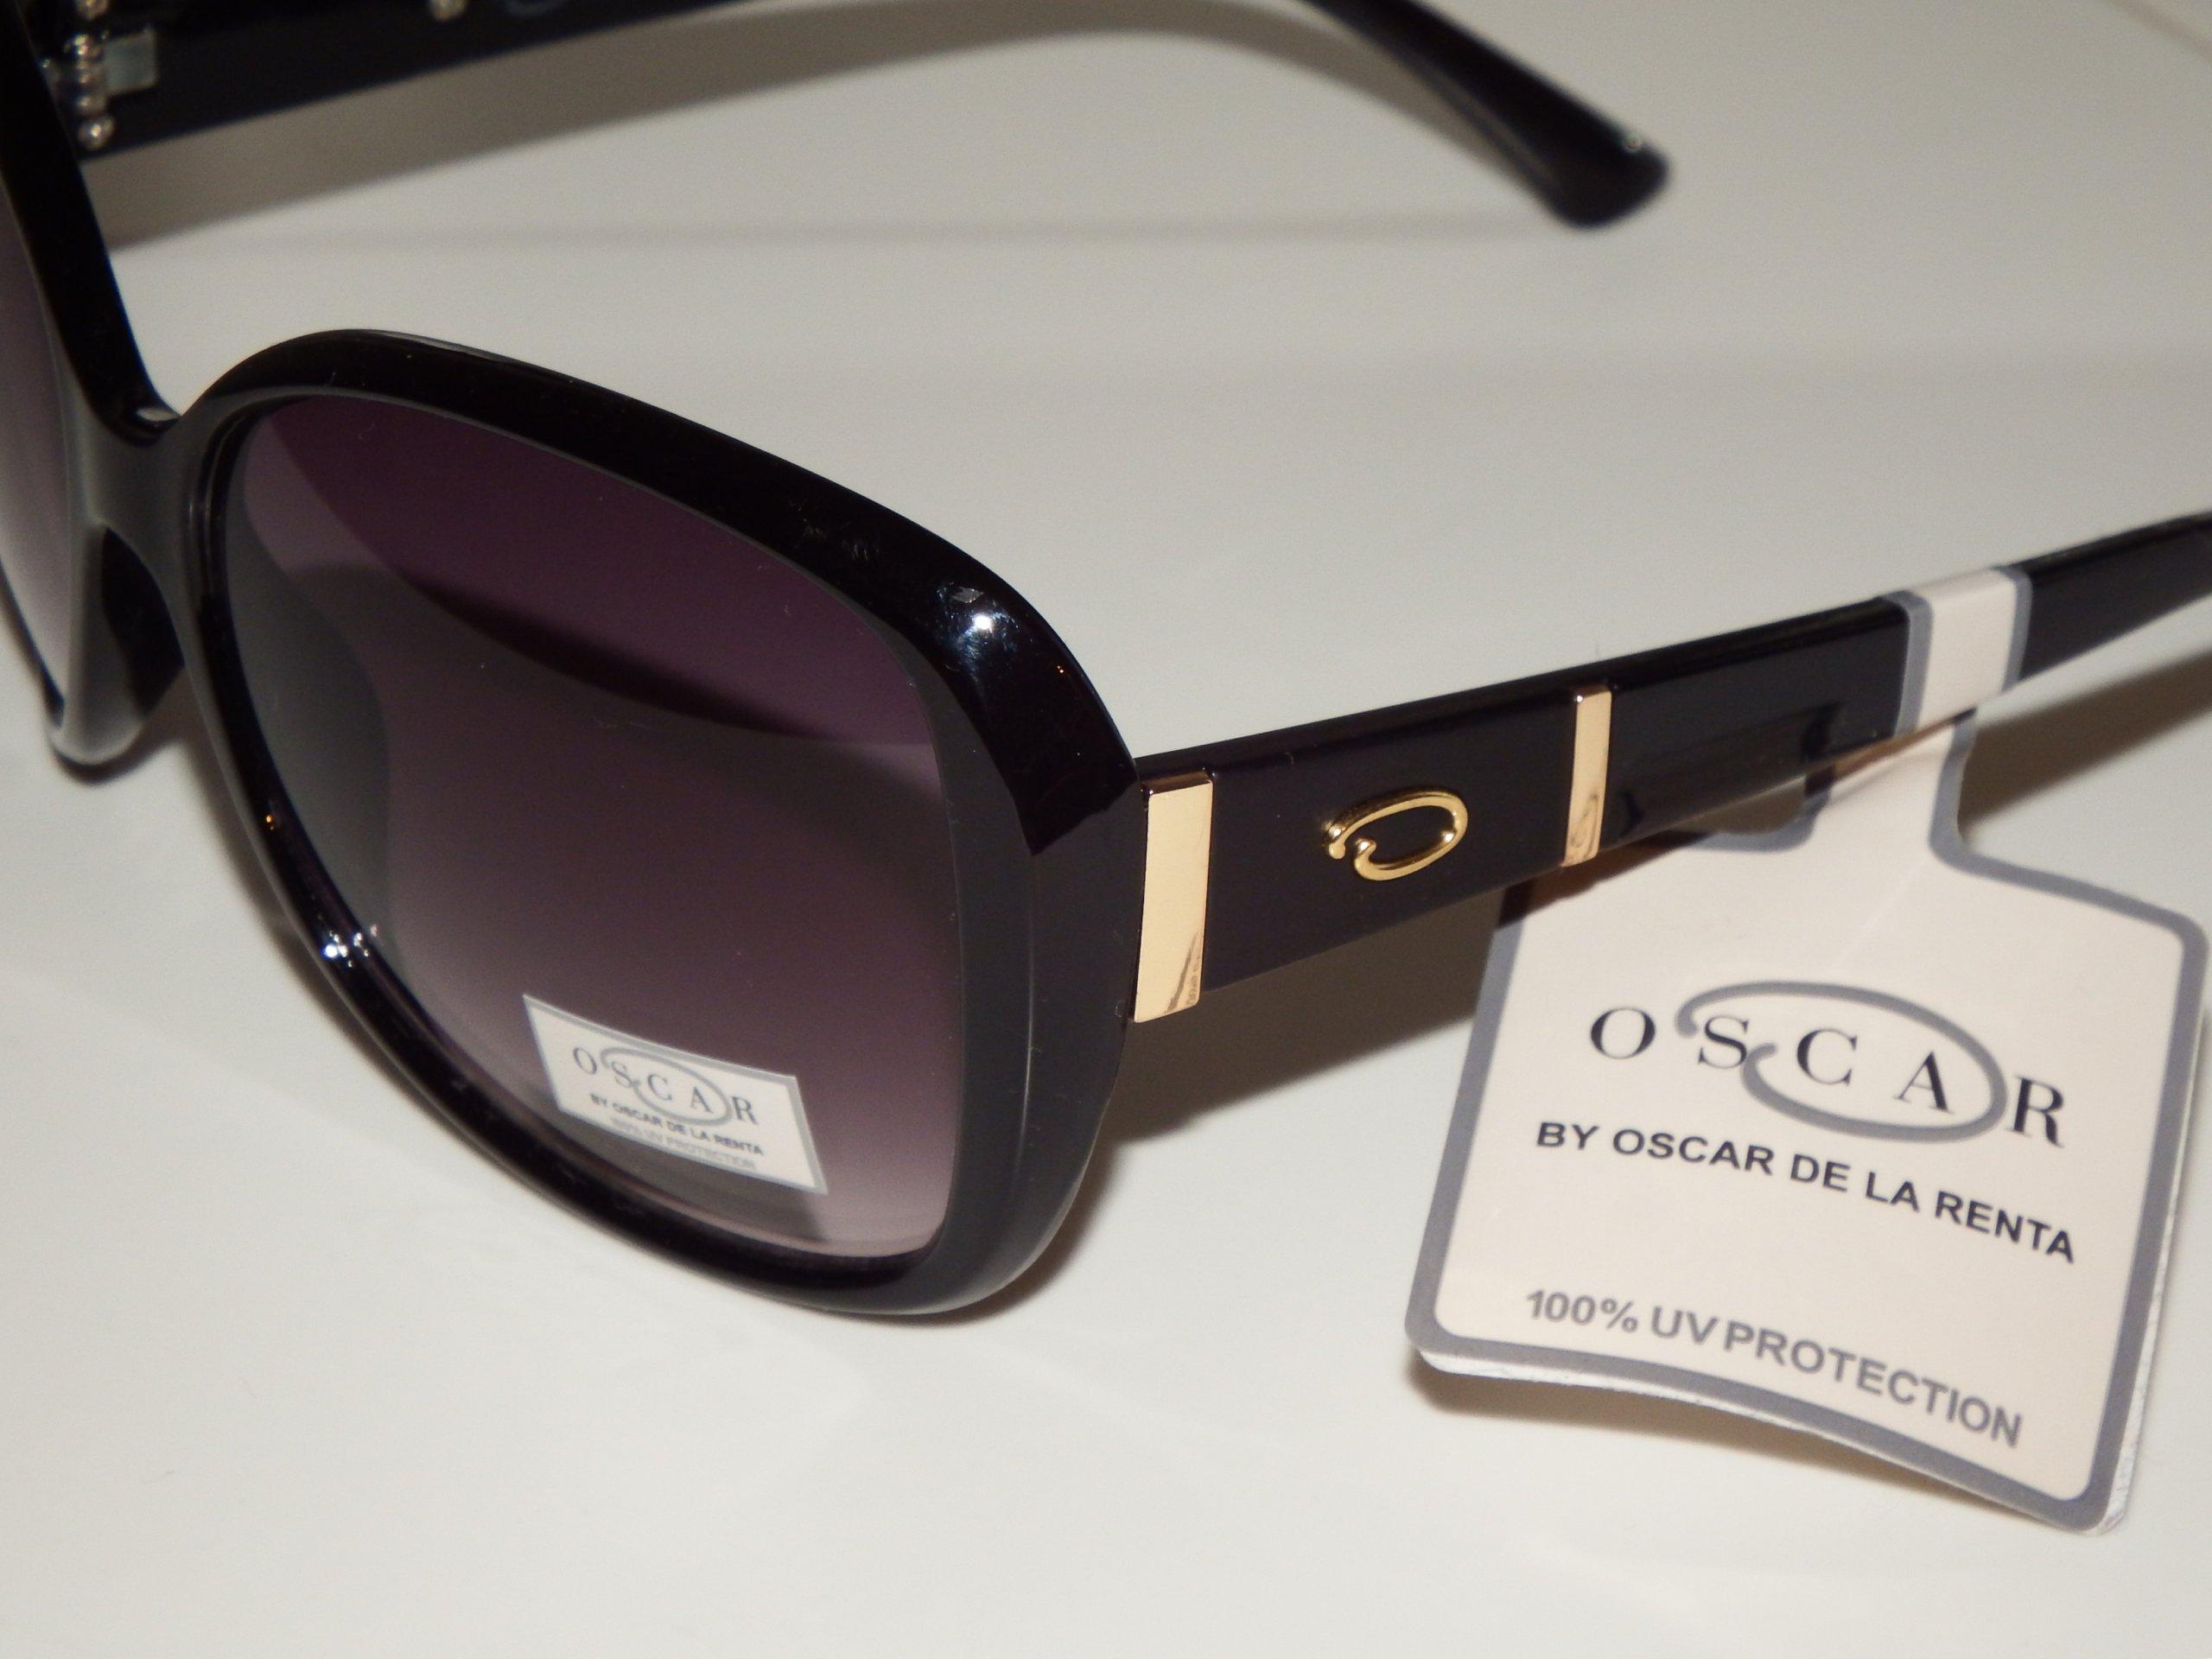 8ab27eb6c09 okulary PRZECIWSŁONECZNE OSCAR DE LA RENTA NOWE - 7167775148 ...